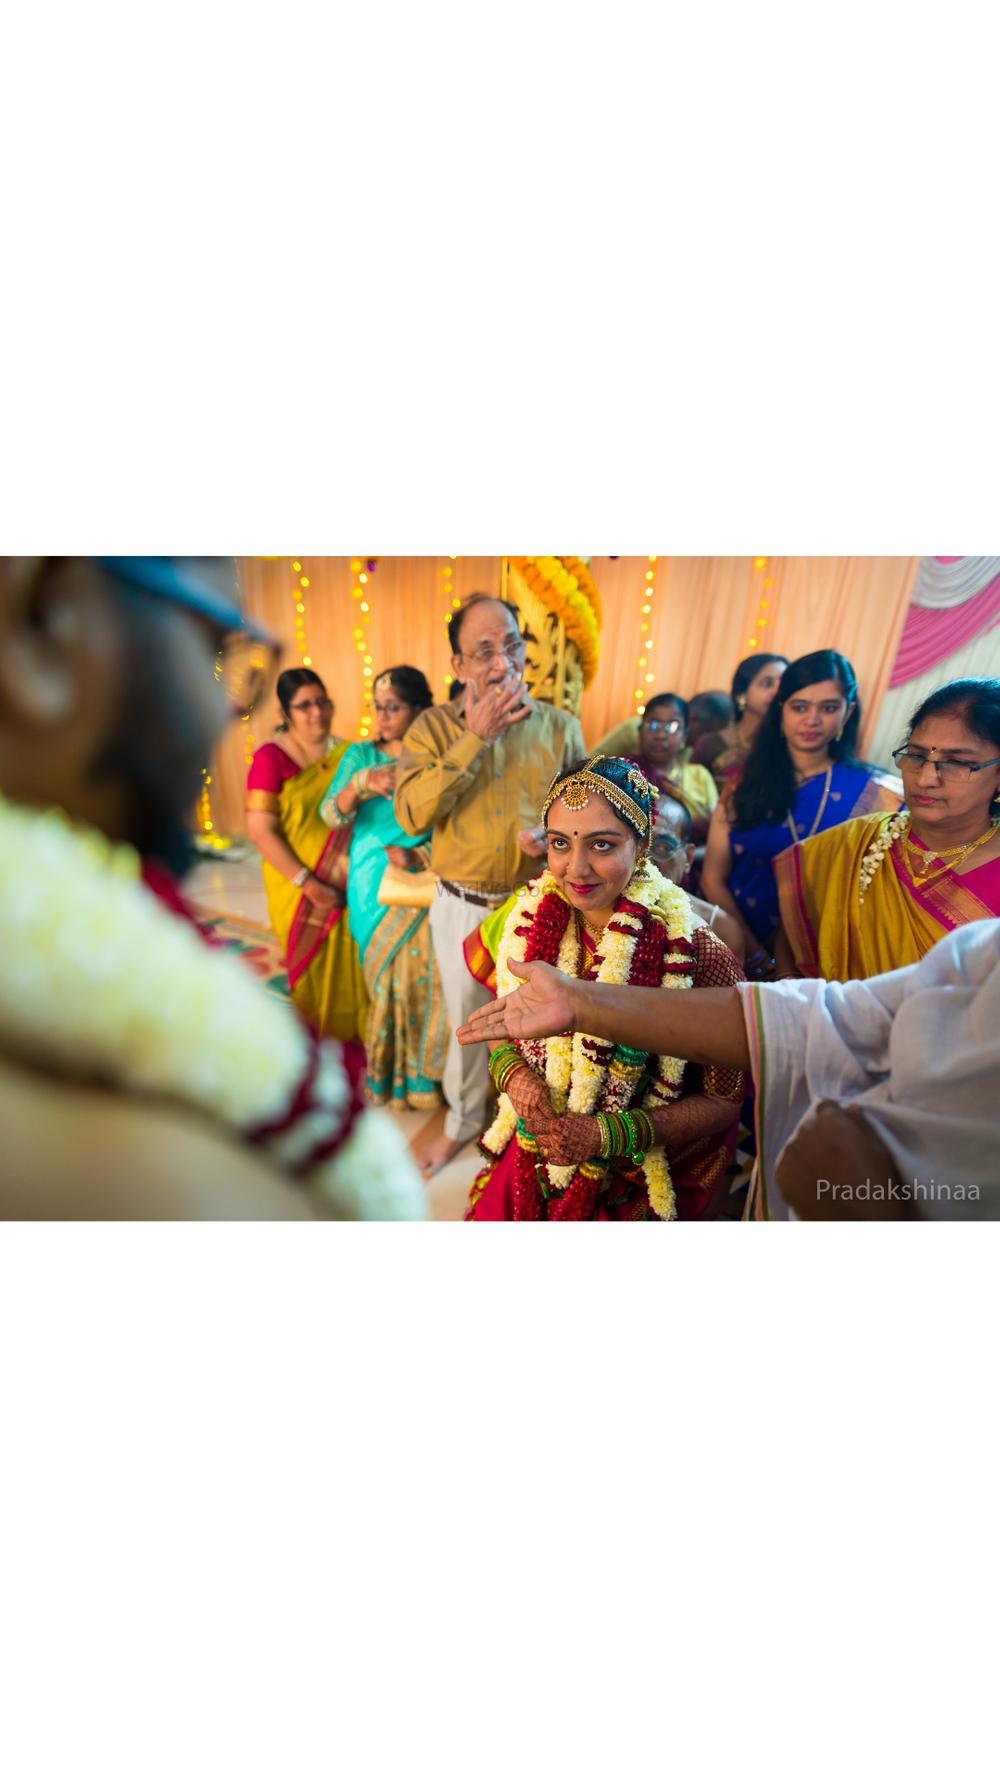 Photo From Tamil Brahmin Wedding | Mumbai | 2020 - By Pradakshinaa